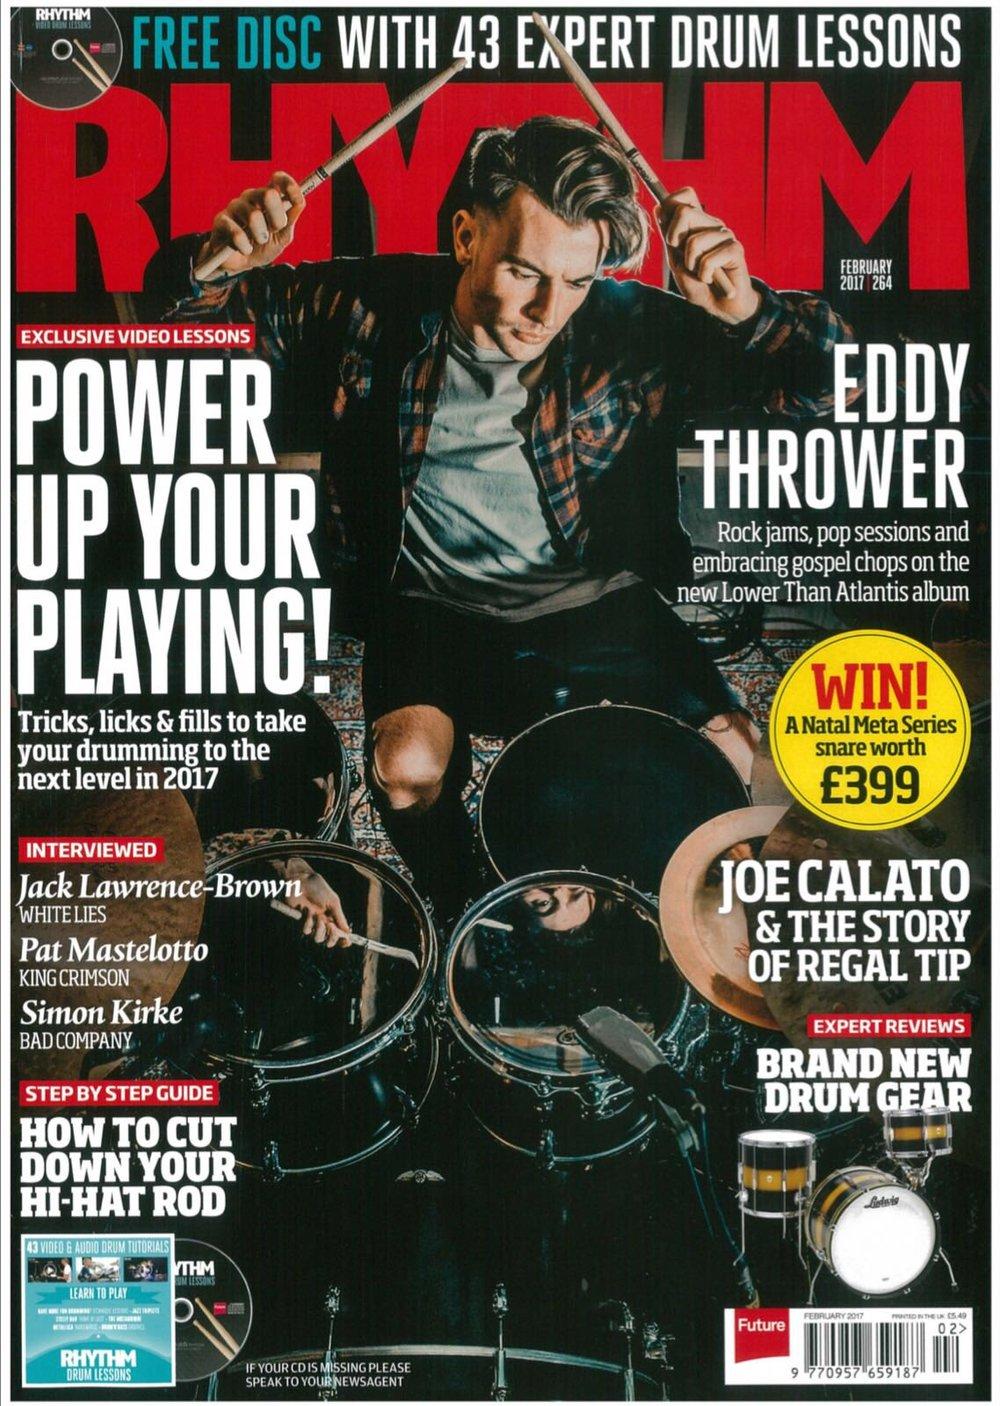 Eddy Thrower (LTA) / Rhythm Magazine